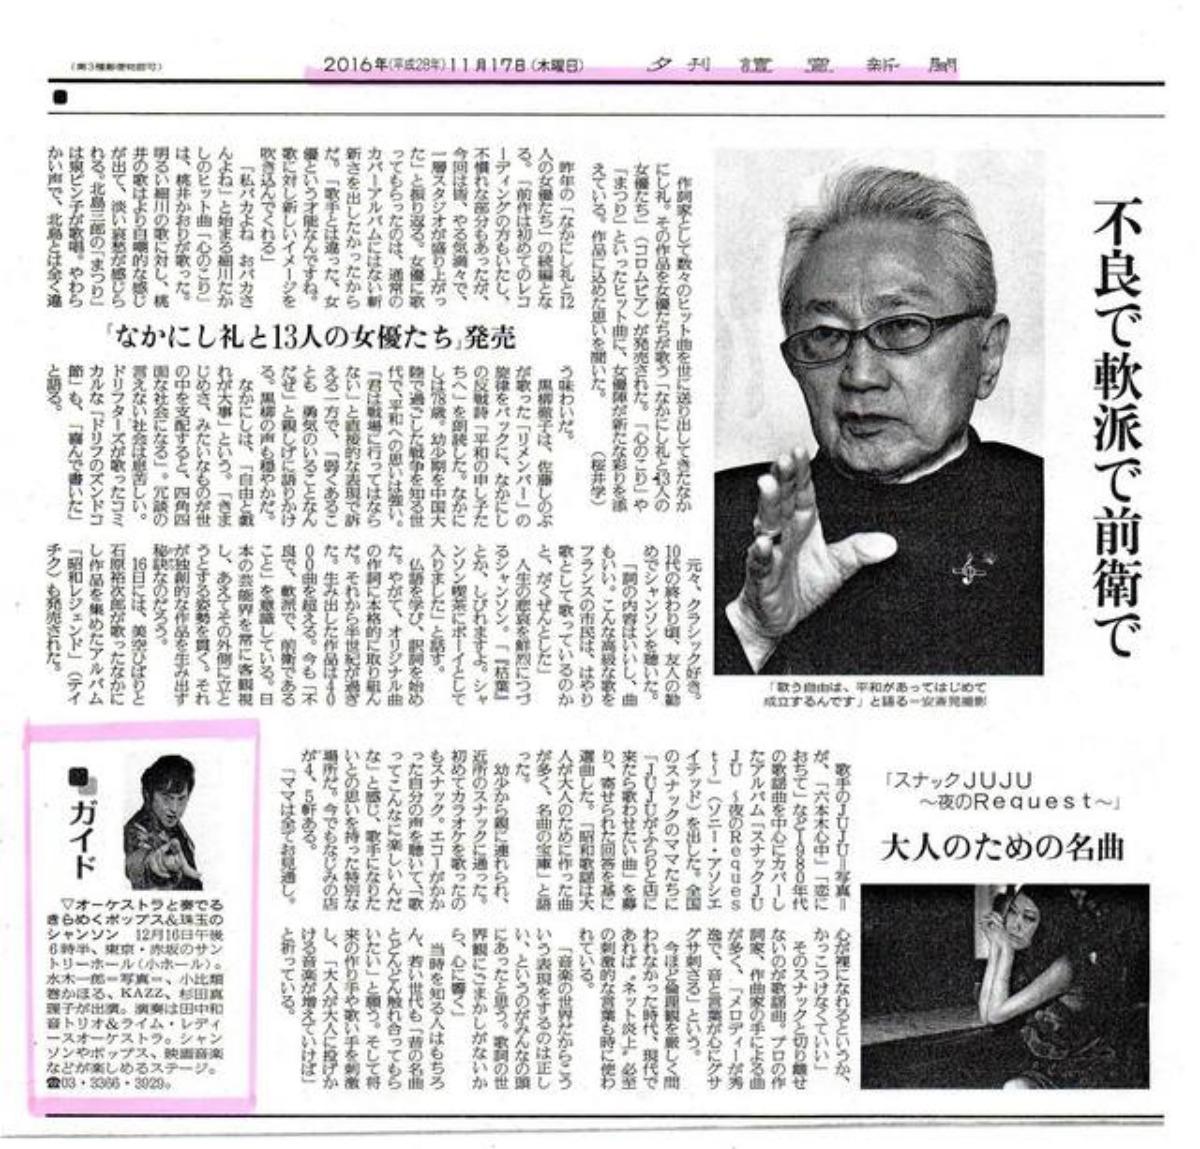 読売新聞コンサート案内_e0048332_22305814.jpg